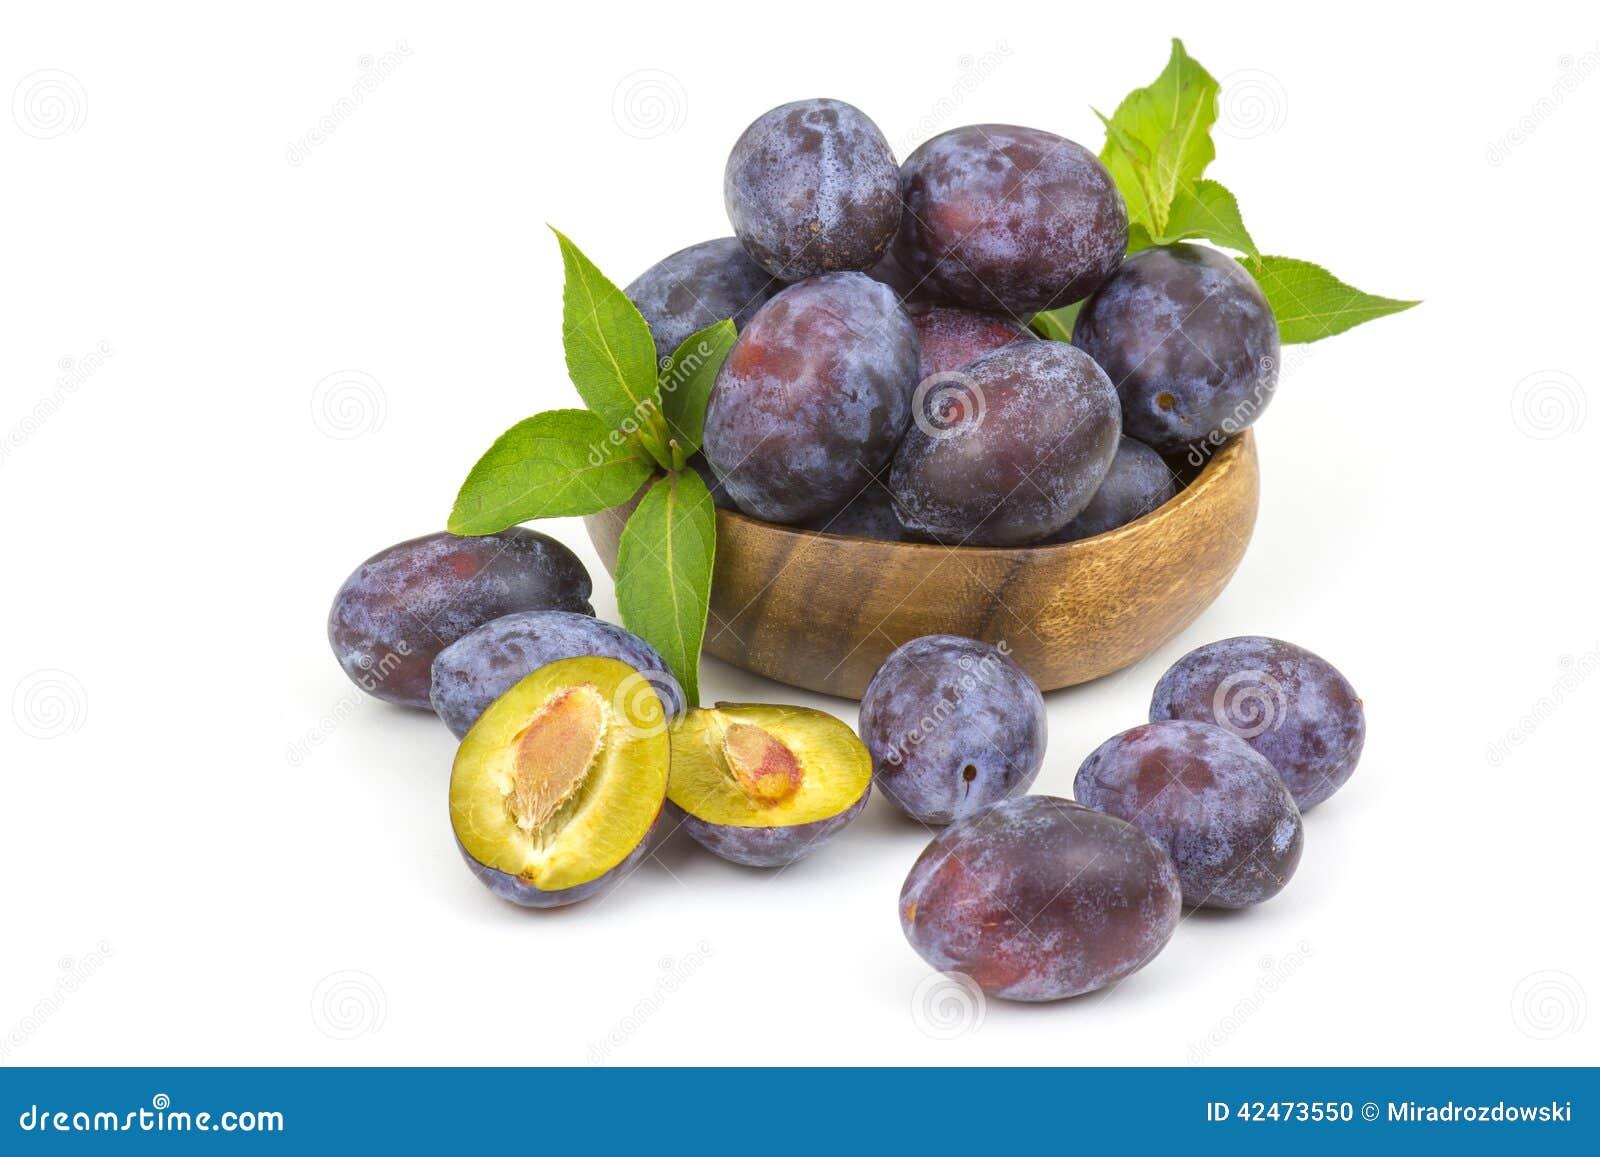 Frische Früchte in einer Schüssel